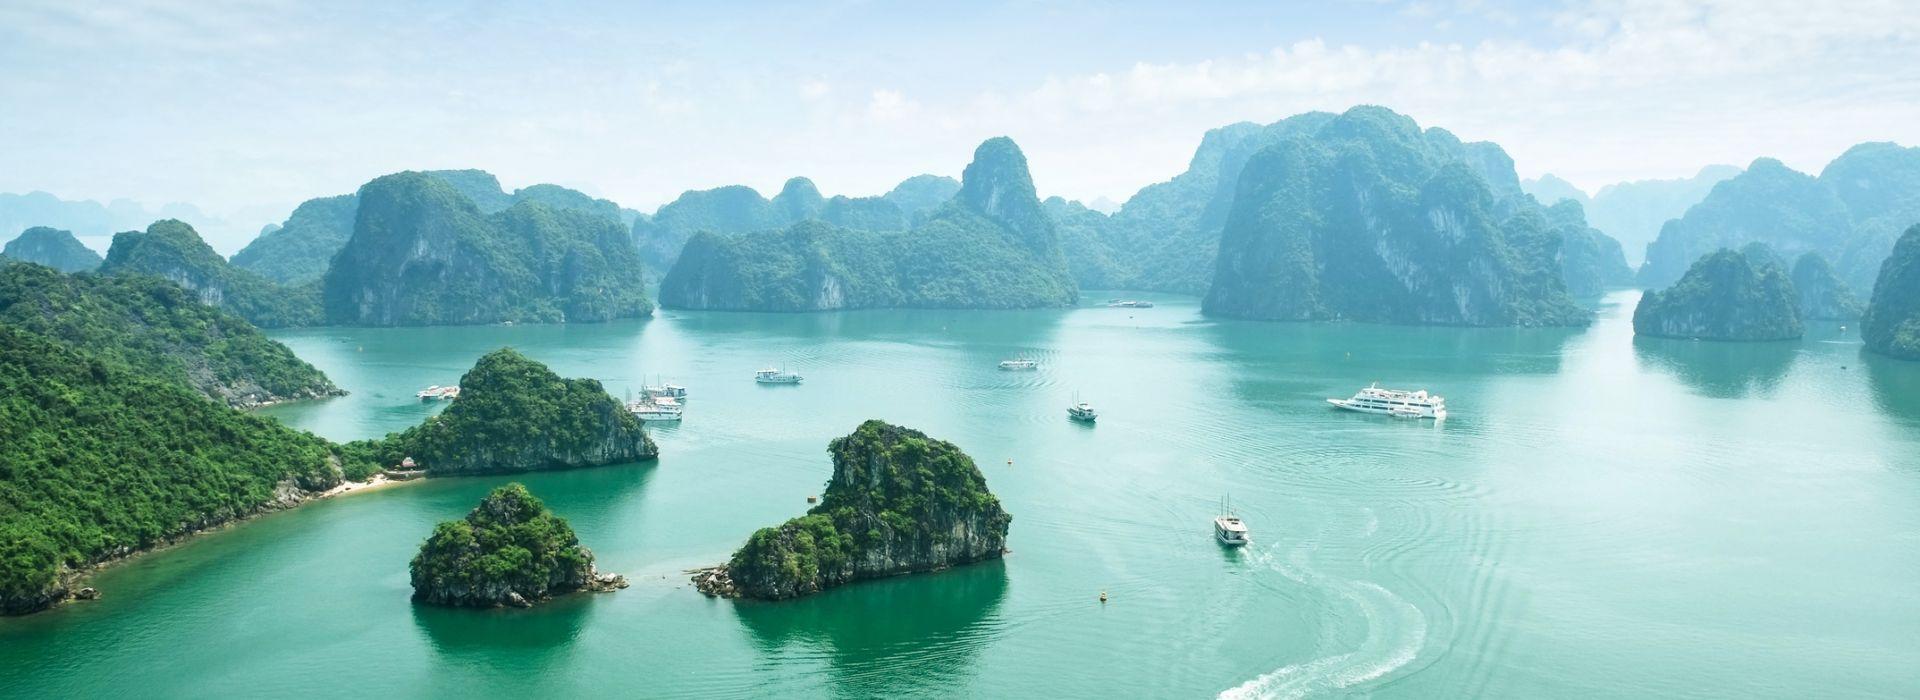 Trekking Tours in Vietnam